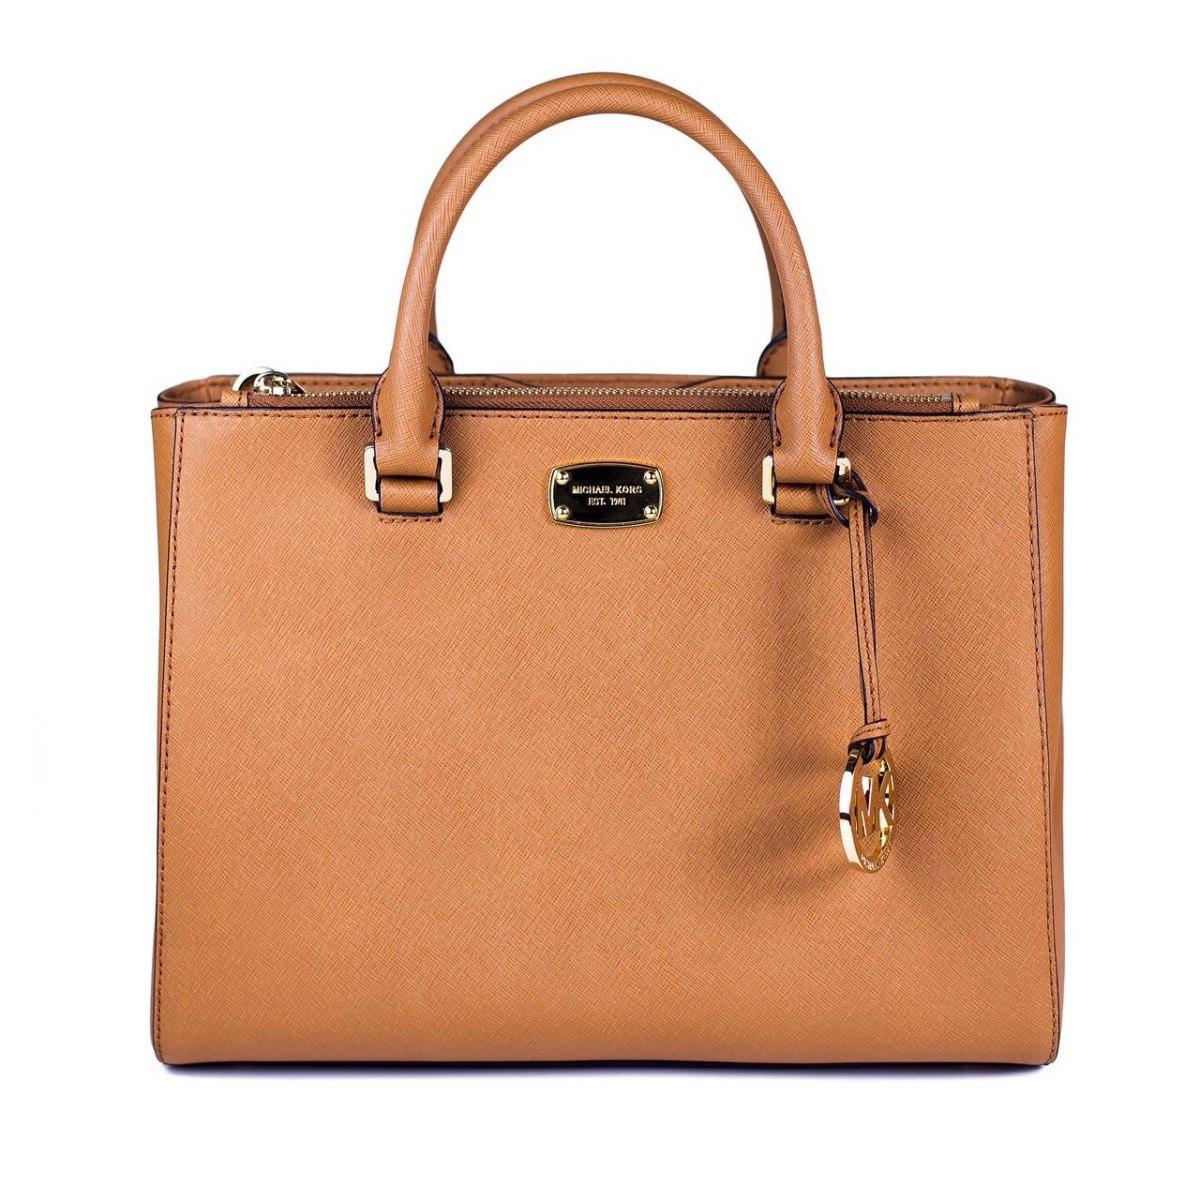 8c57c154d985c bolsa michael kors original kellen md satchel importada usa. Carregando  zoom.